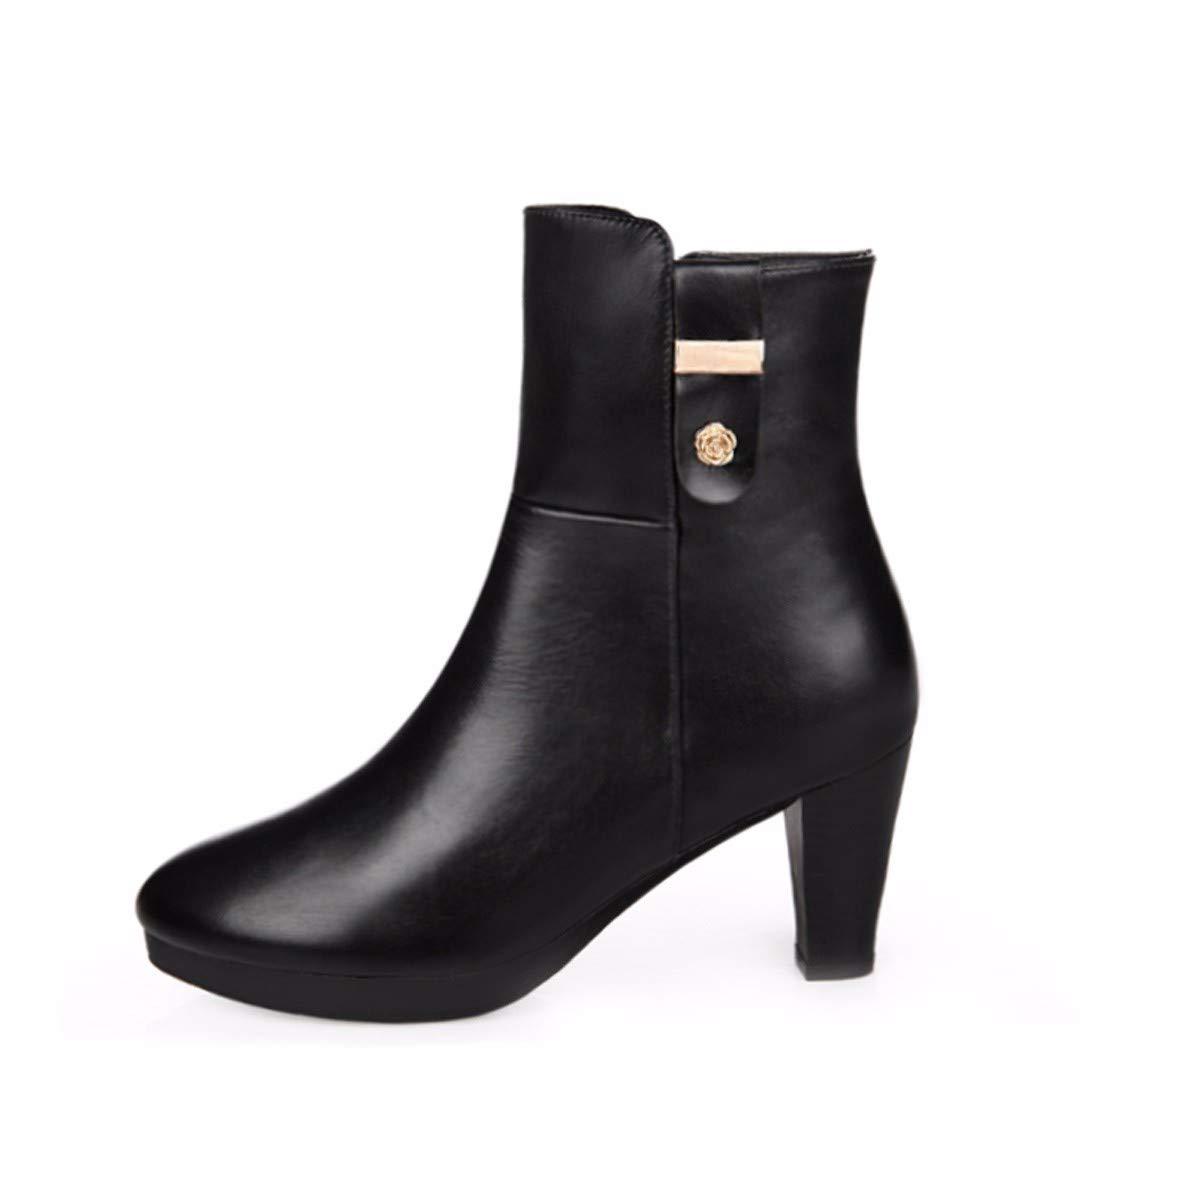 HBDLH Damenschuhe Damenschuhe In Herbst und Winter Starke Wurzeln Kurze Stiefel Schuhe Stiefel Wild High Heels 7Cm